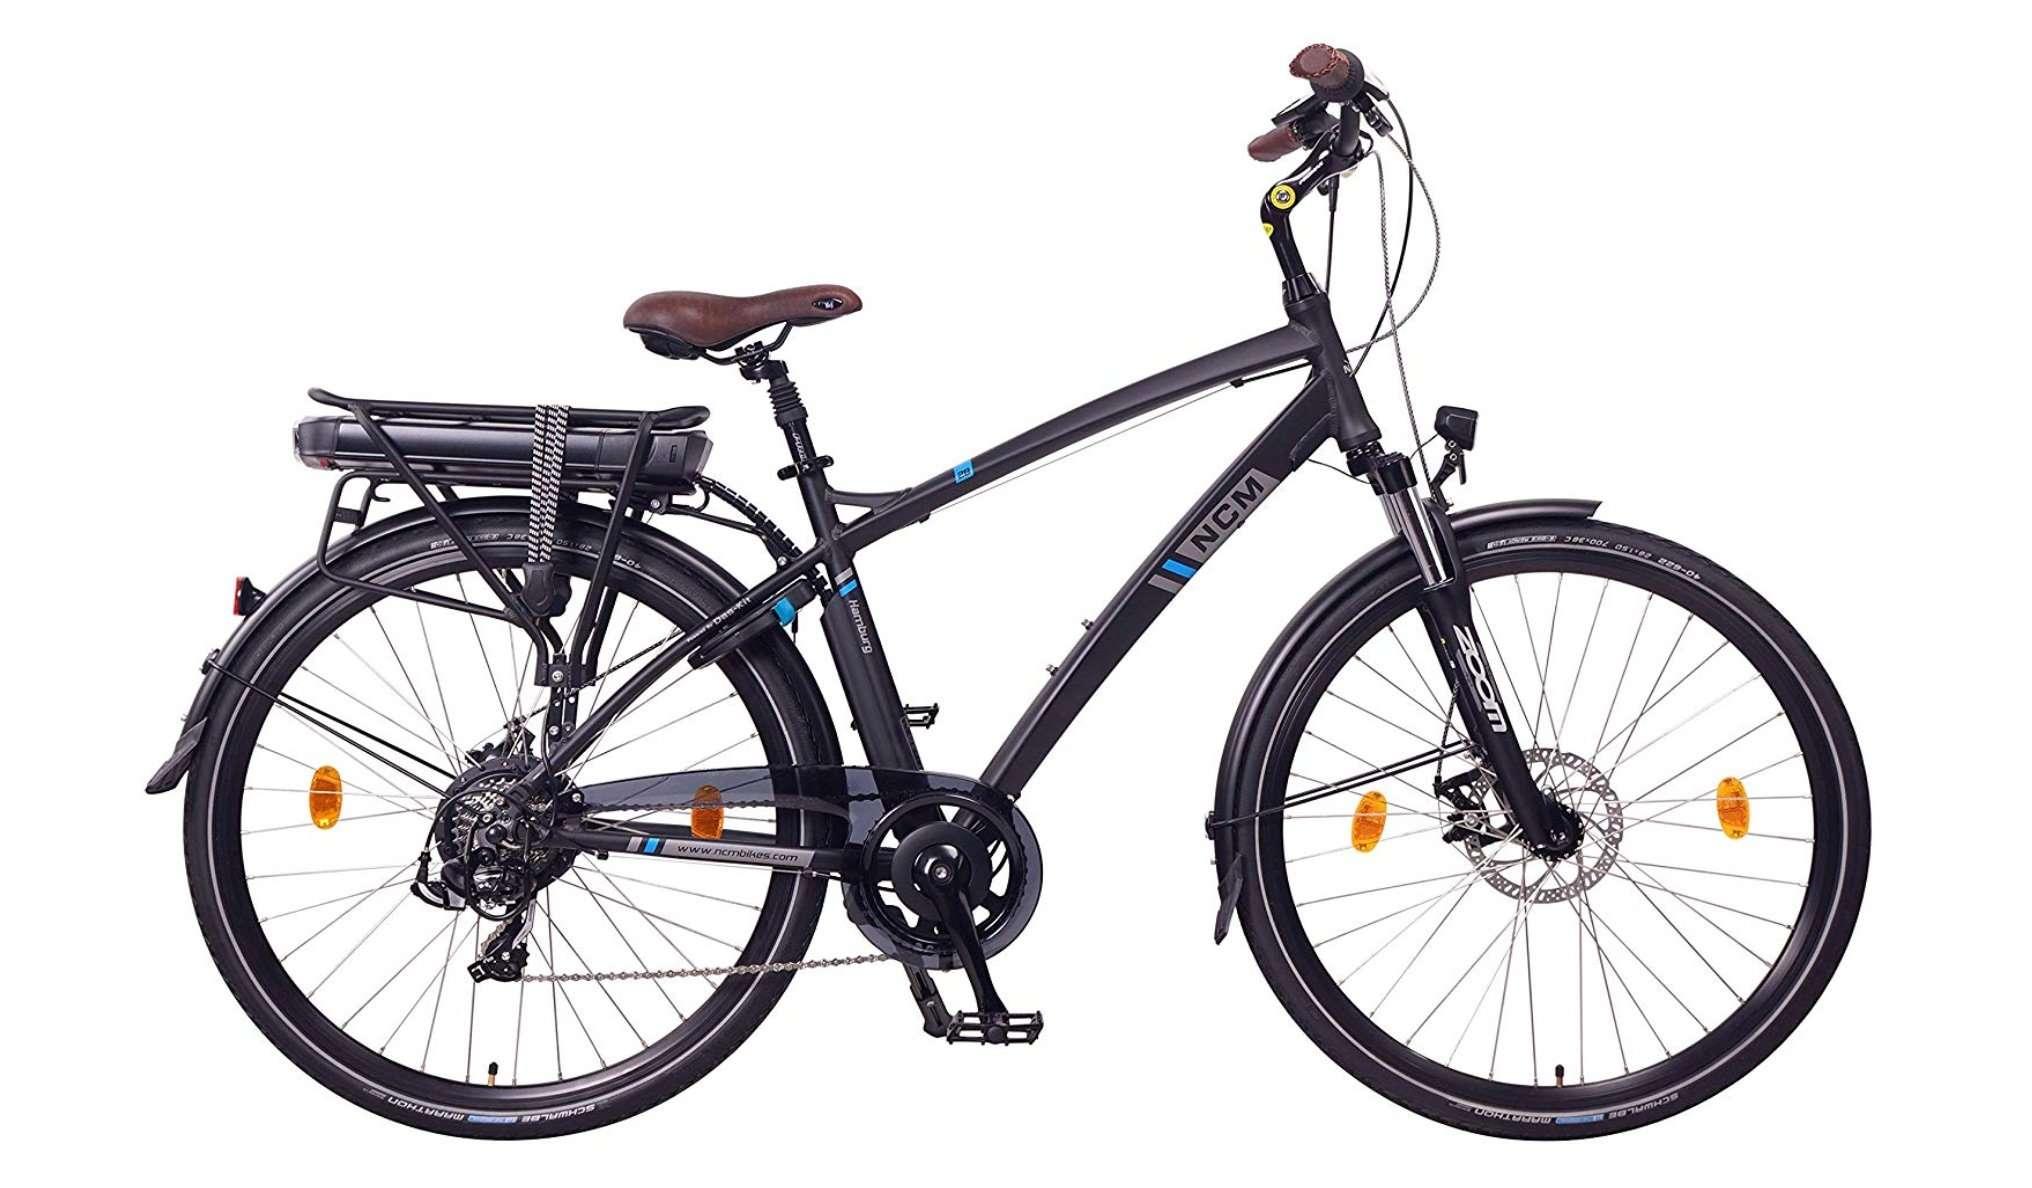 ncm hamburg electric bike